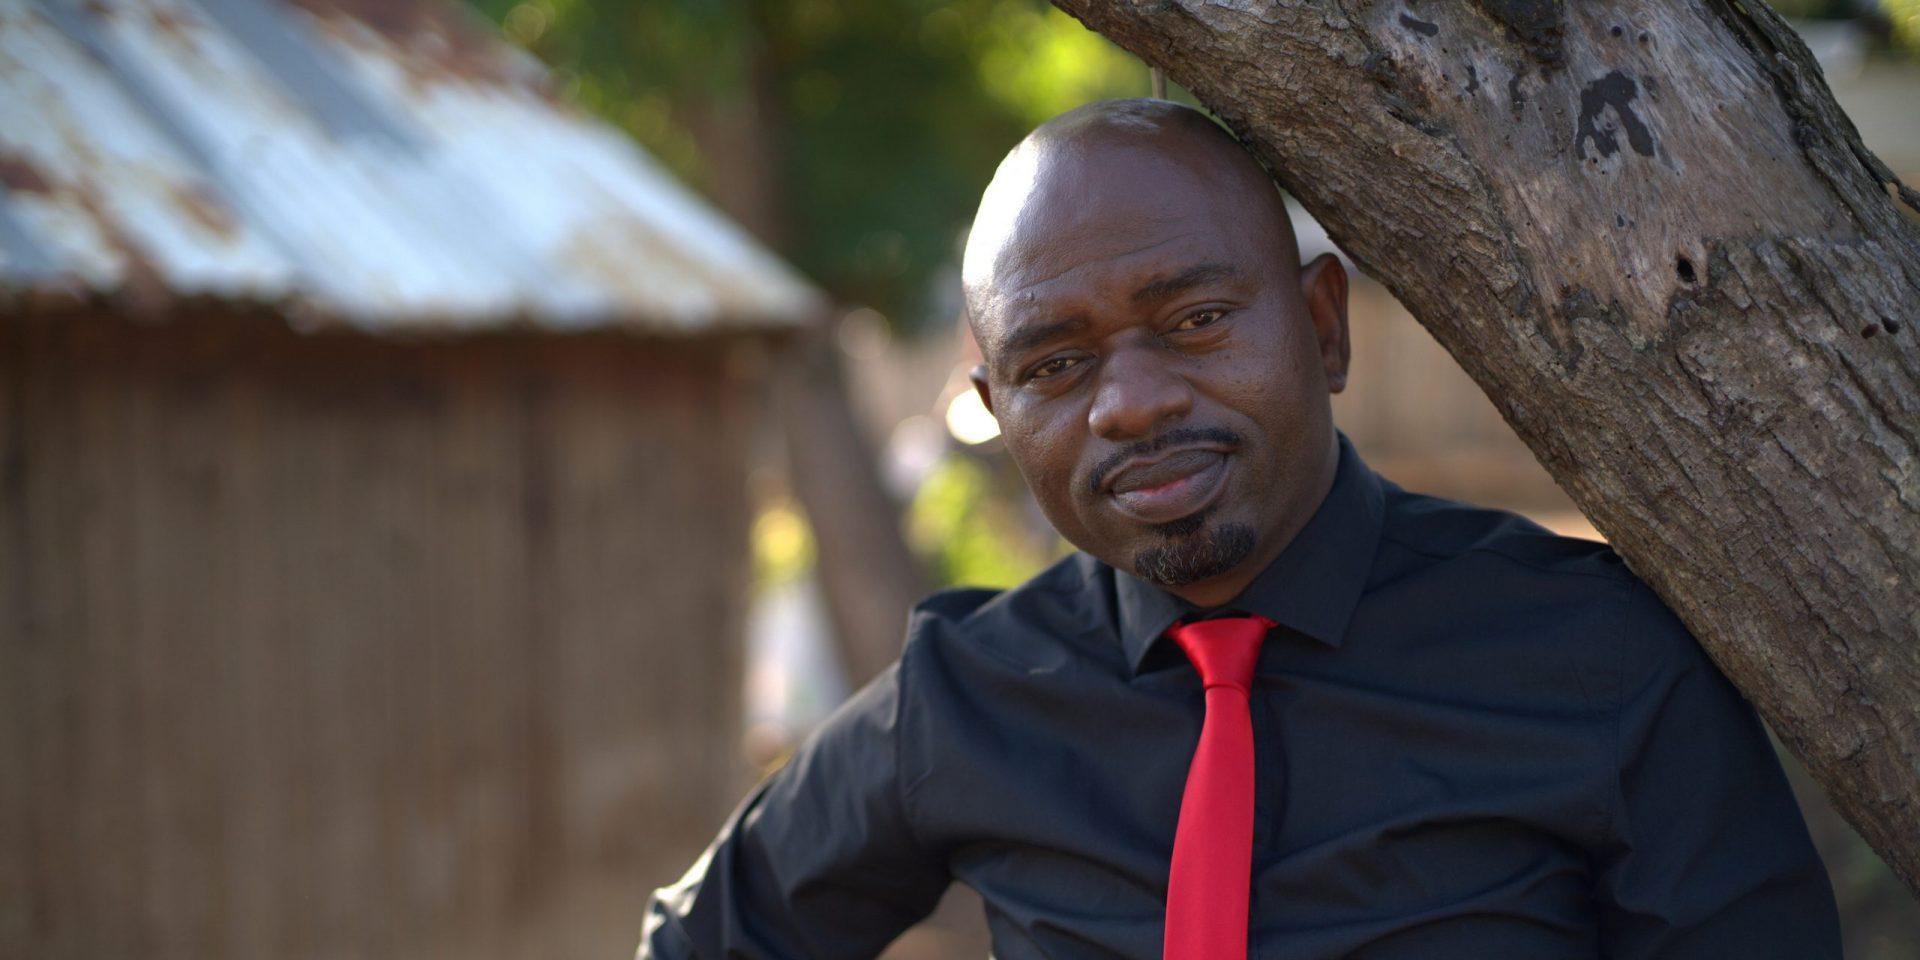 Sibusiso Innocent Zikode har vigt sitt liv åt att förbättra situationen för hemlösa och sluminvånare i Sydafrika. Nu får han Per Anger-priset.